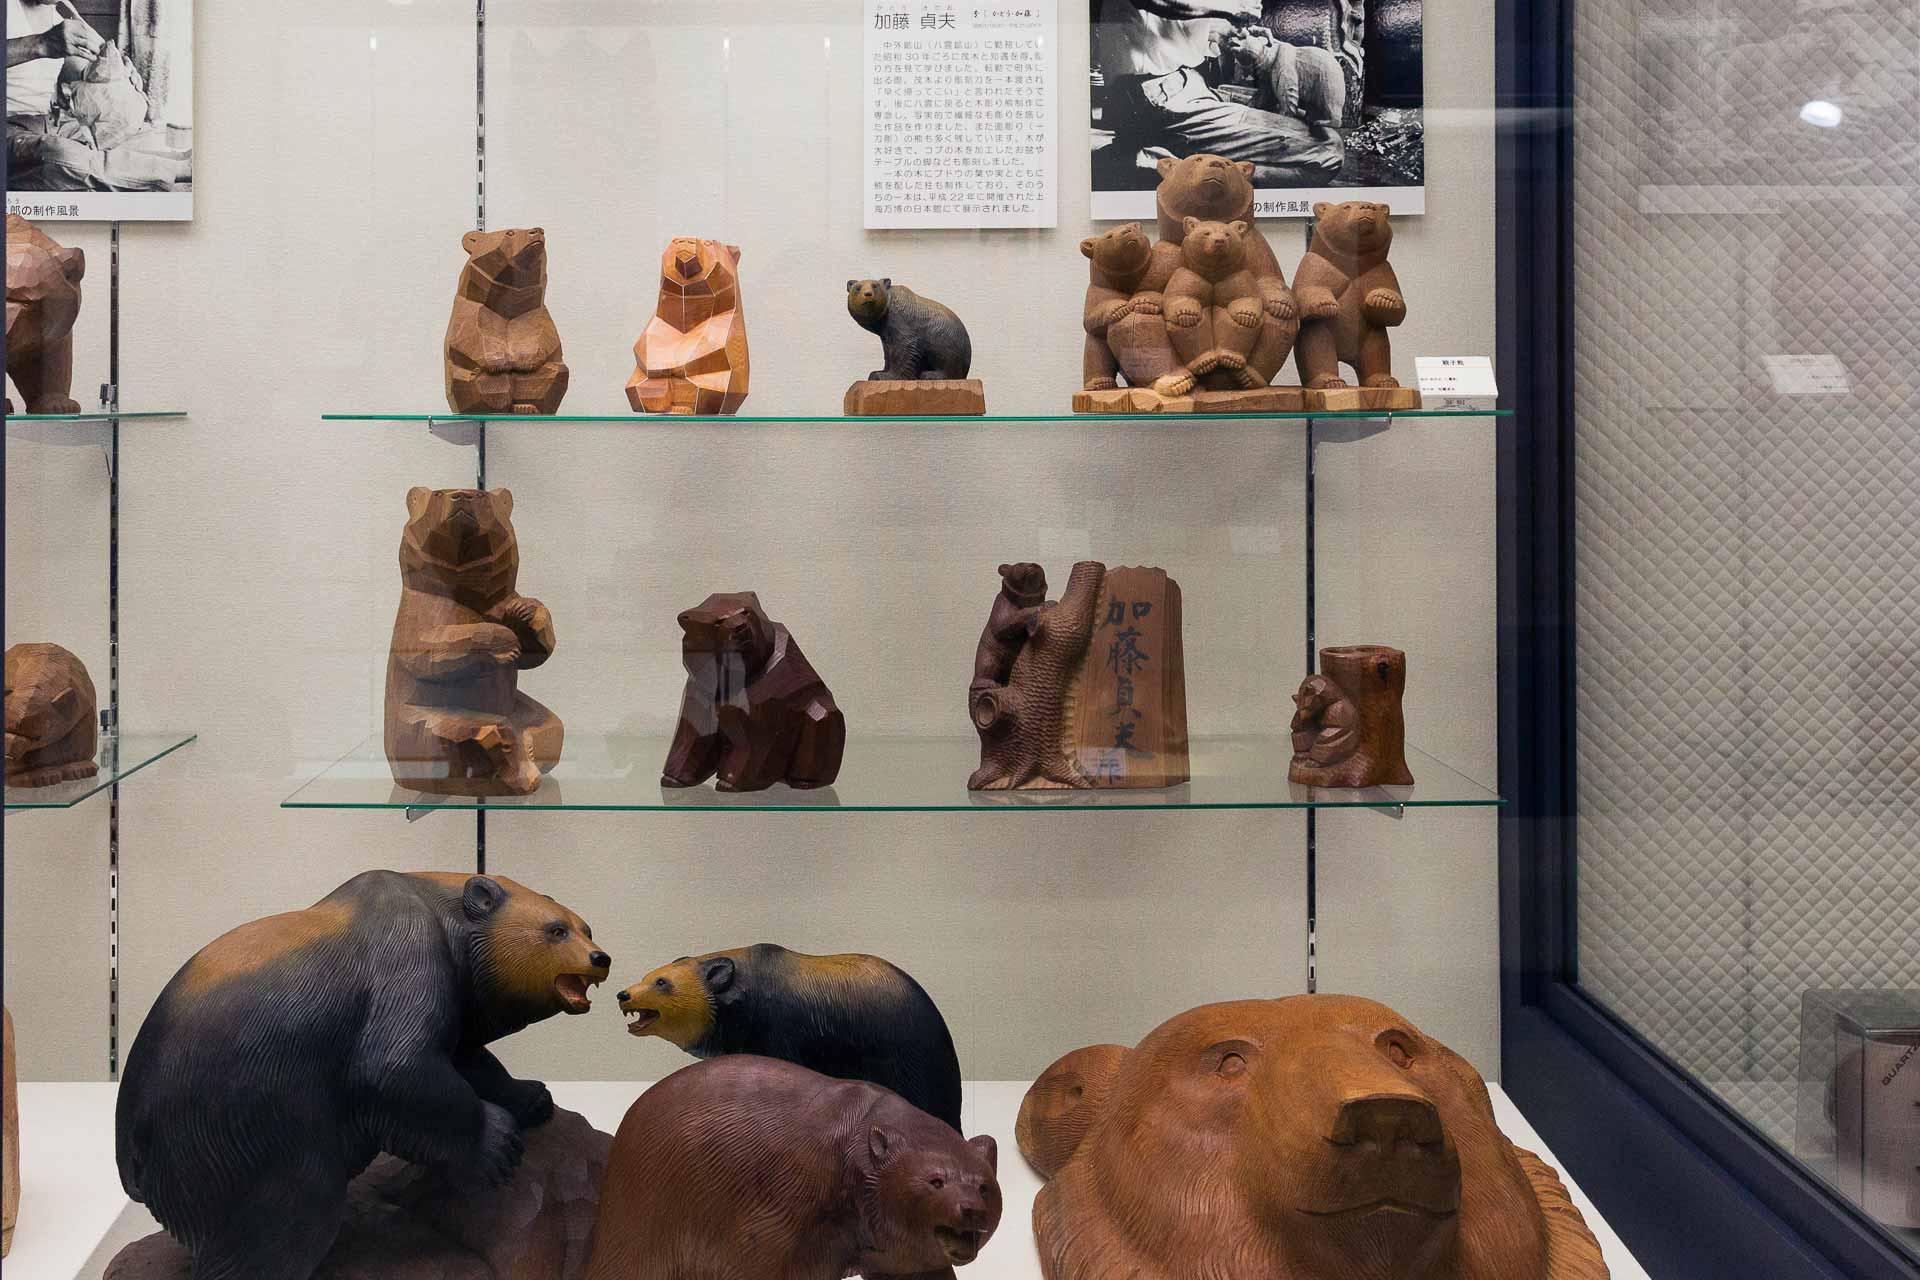 加藤貞夫の木彫り熊たち